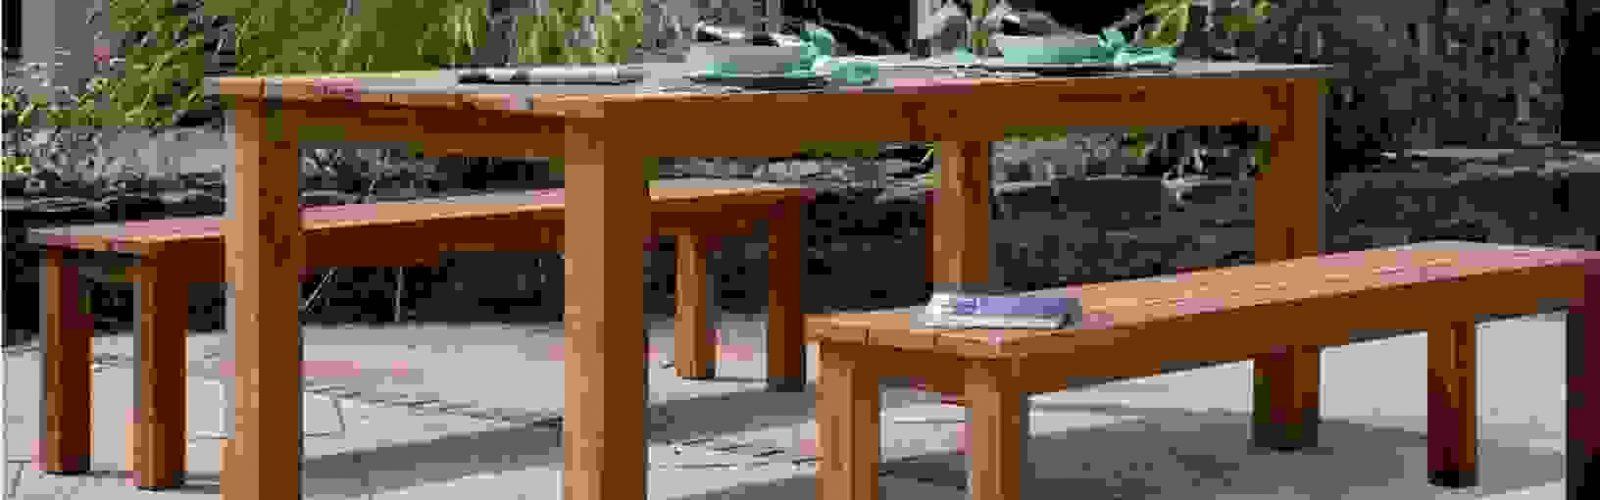 Das Beste Von Von Gartenmöbel Set Holz Mit Bank Design  Moderne von Gartenmöbel Set Holz Mit Bank Bild